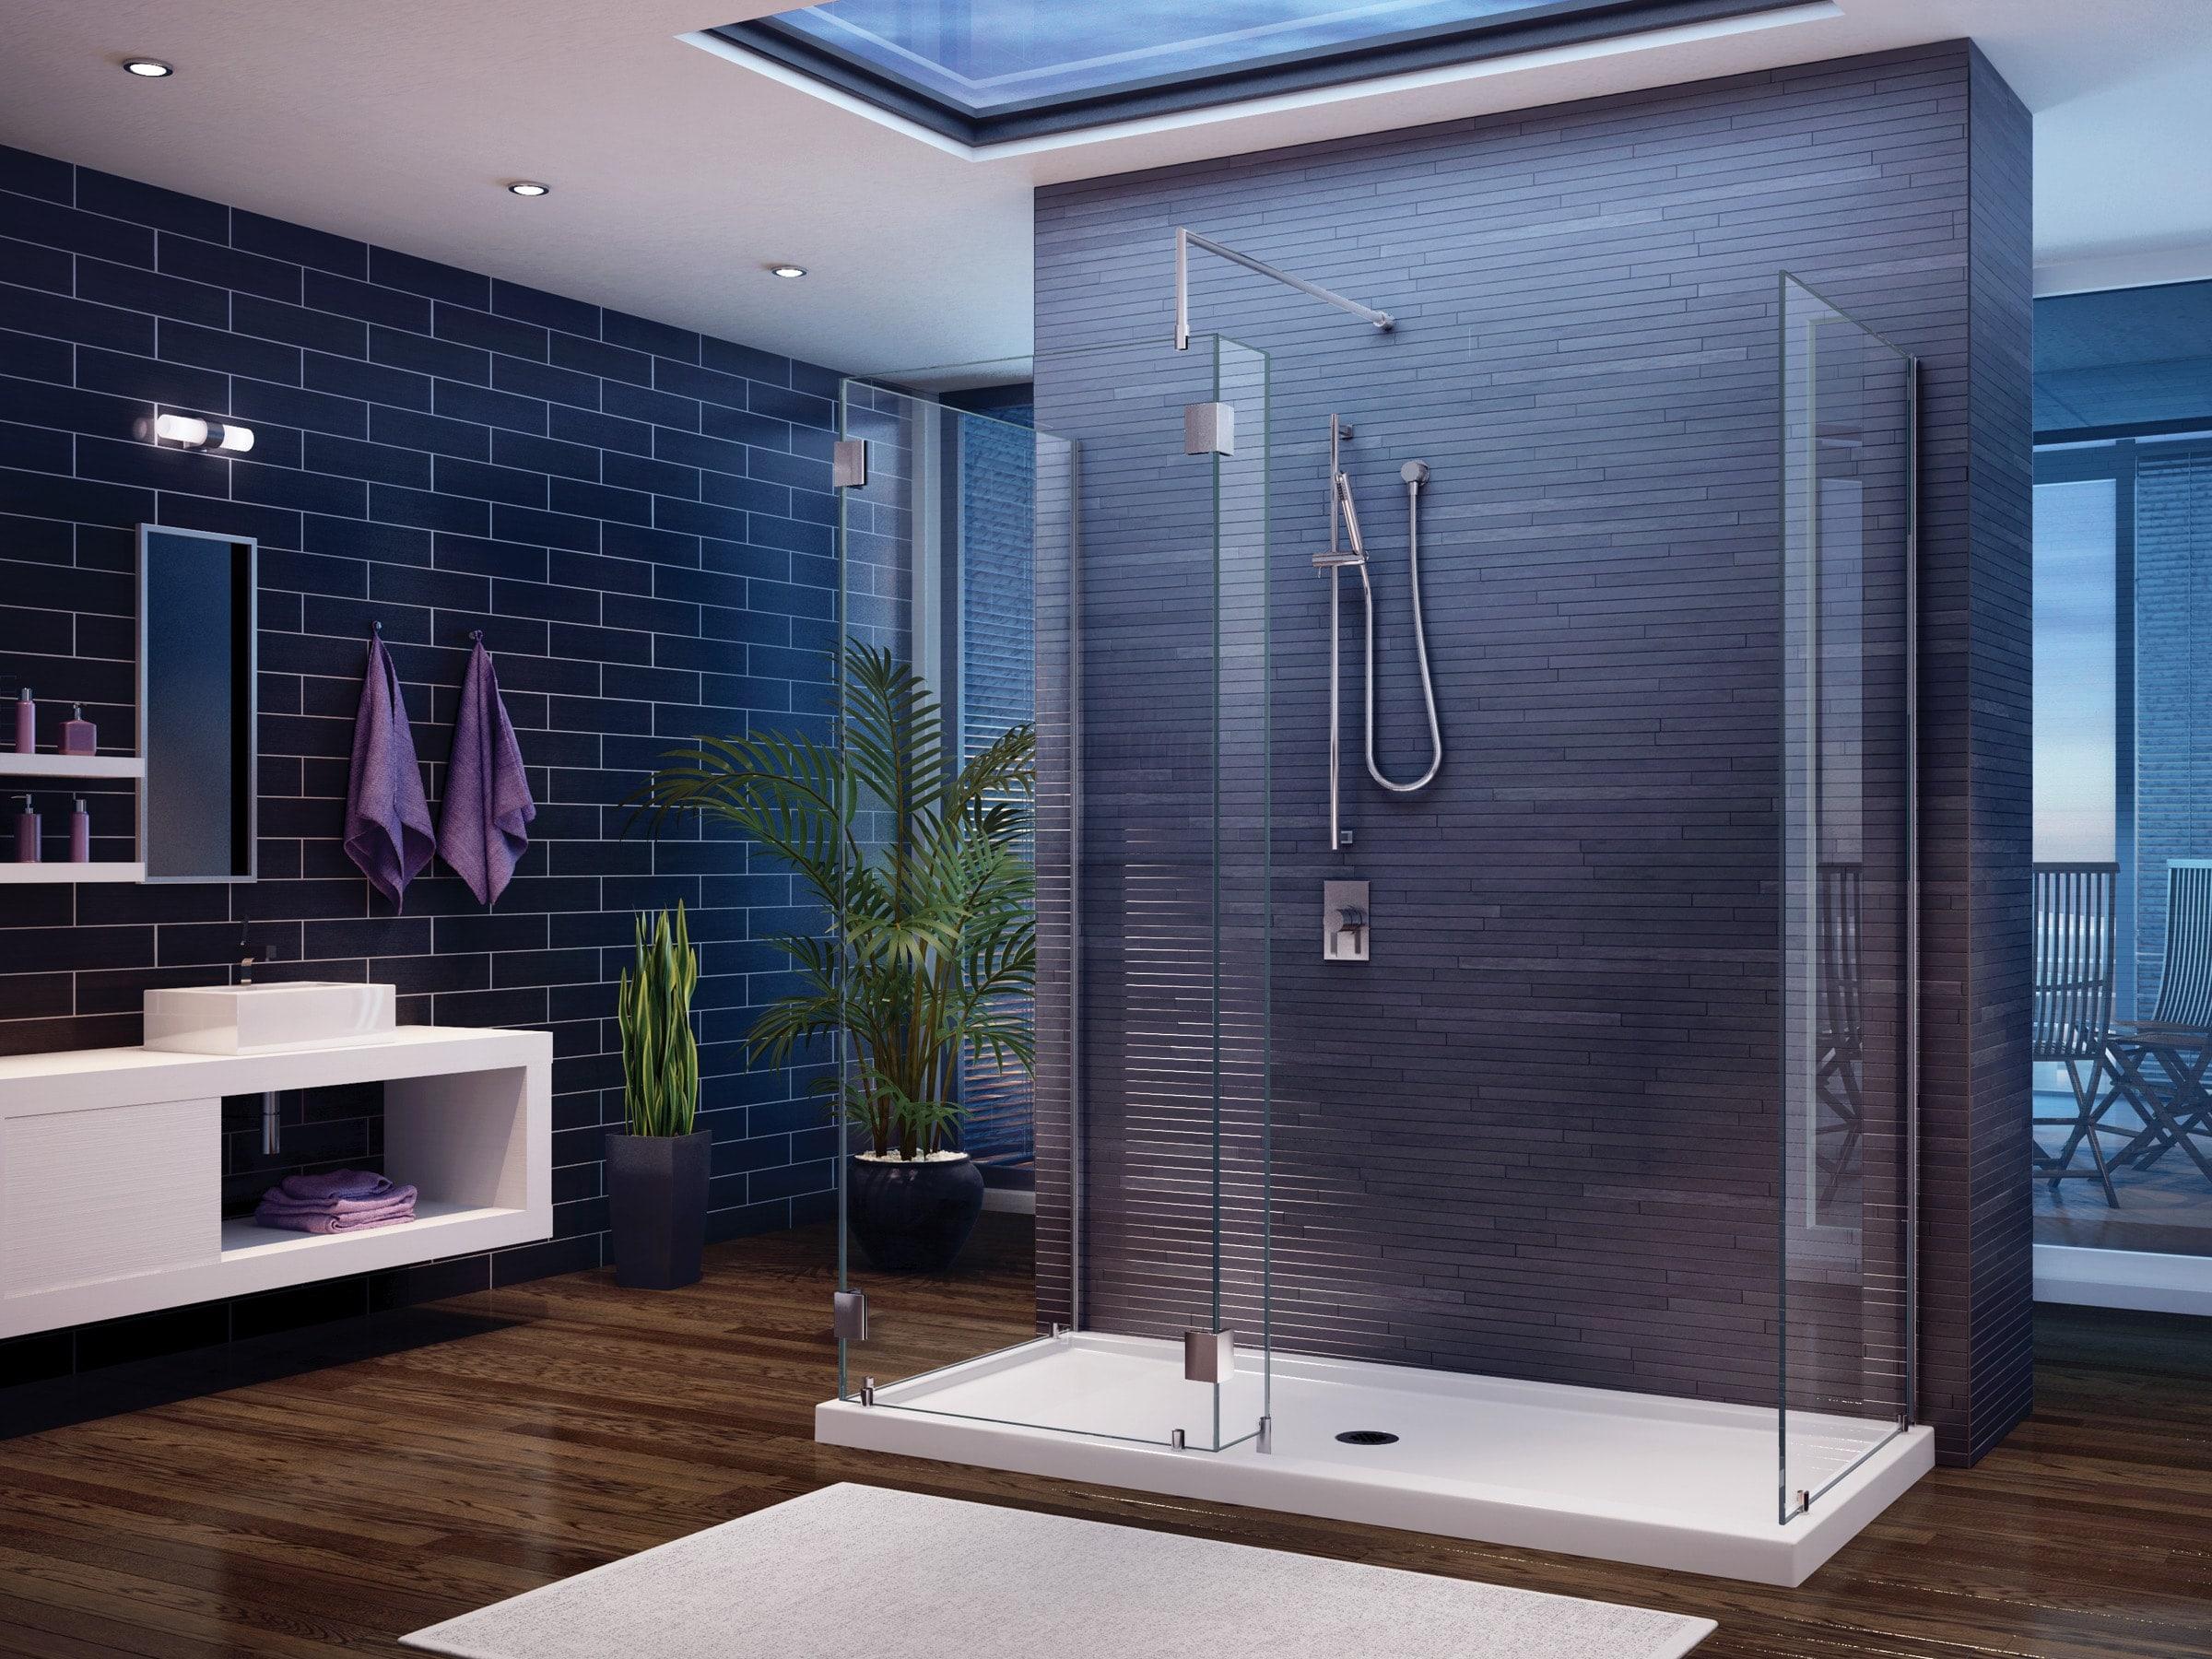 душевая кабина в ванной фото